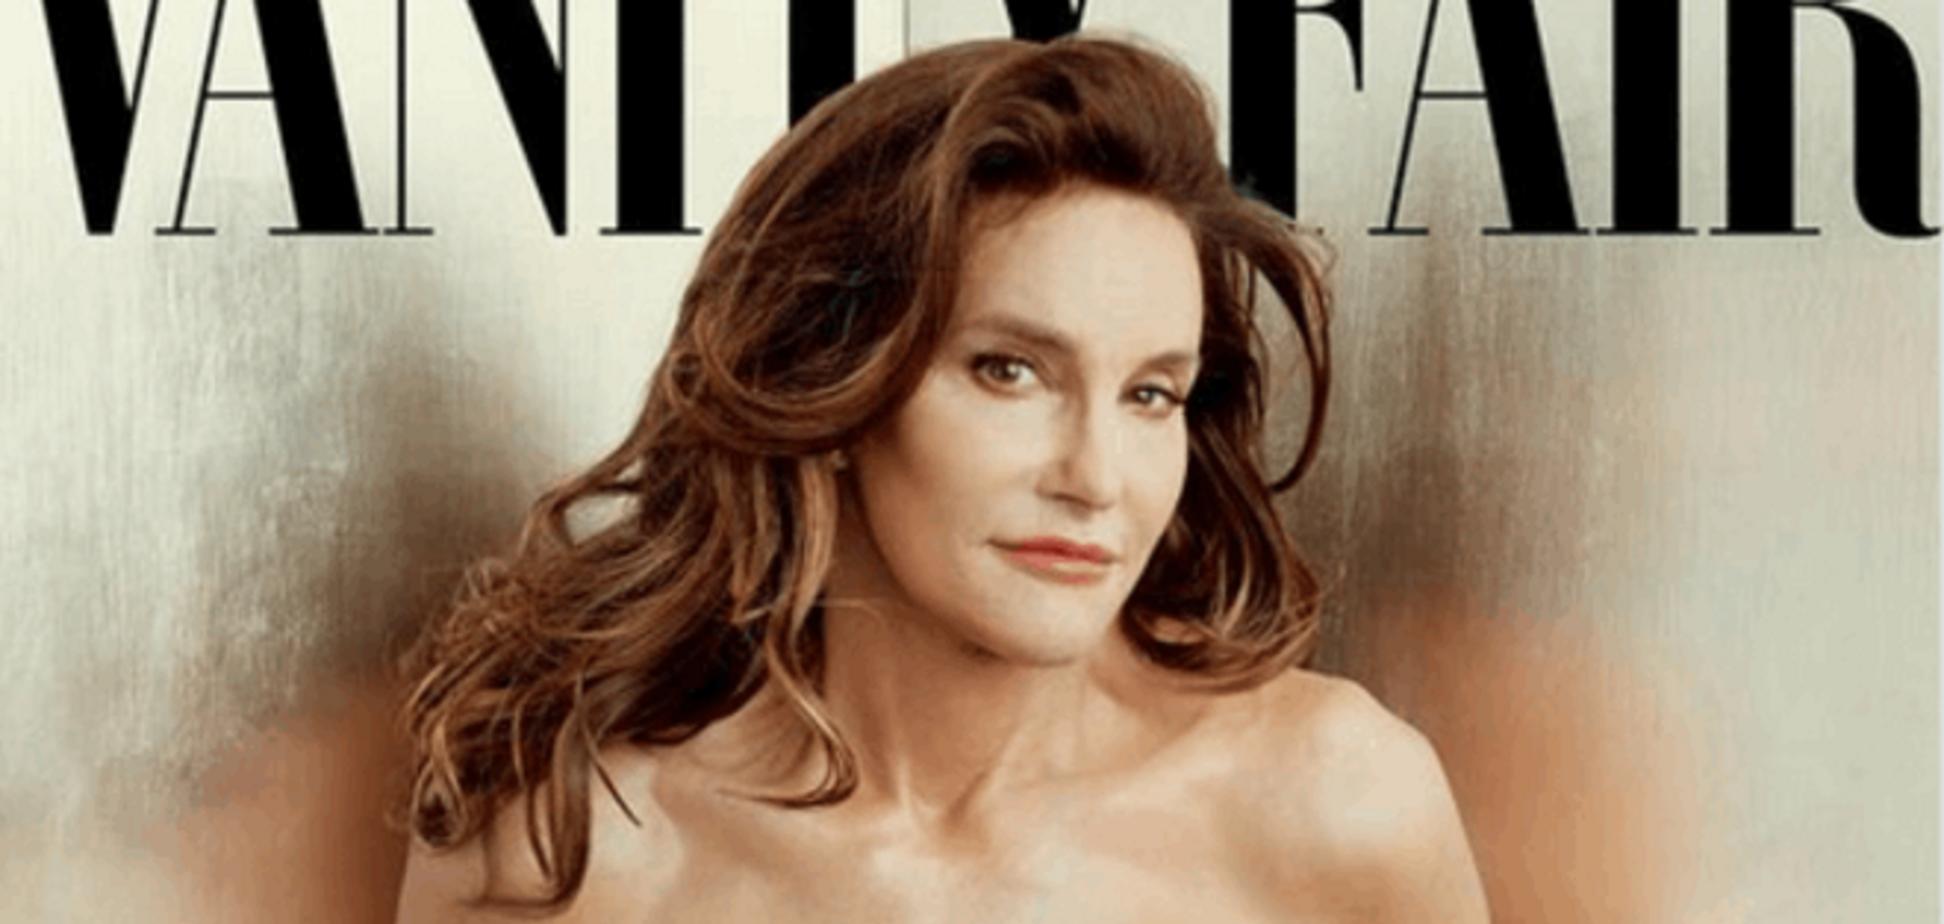 Как Vanity Fair скрывал съемки с отчимом Ким Кардашьян в облике женщины